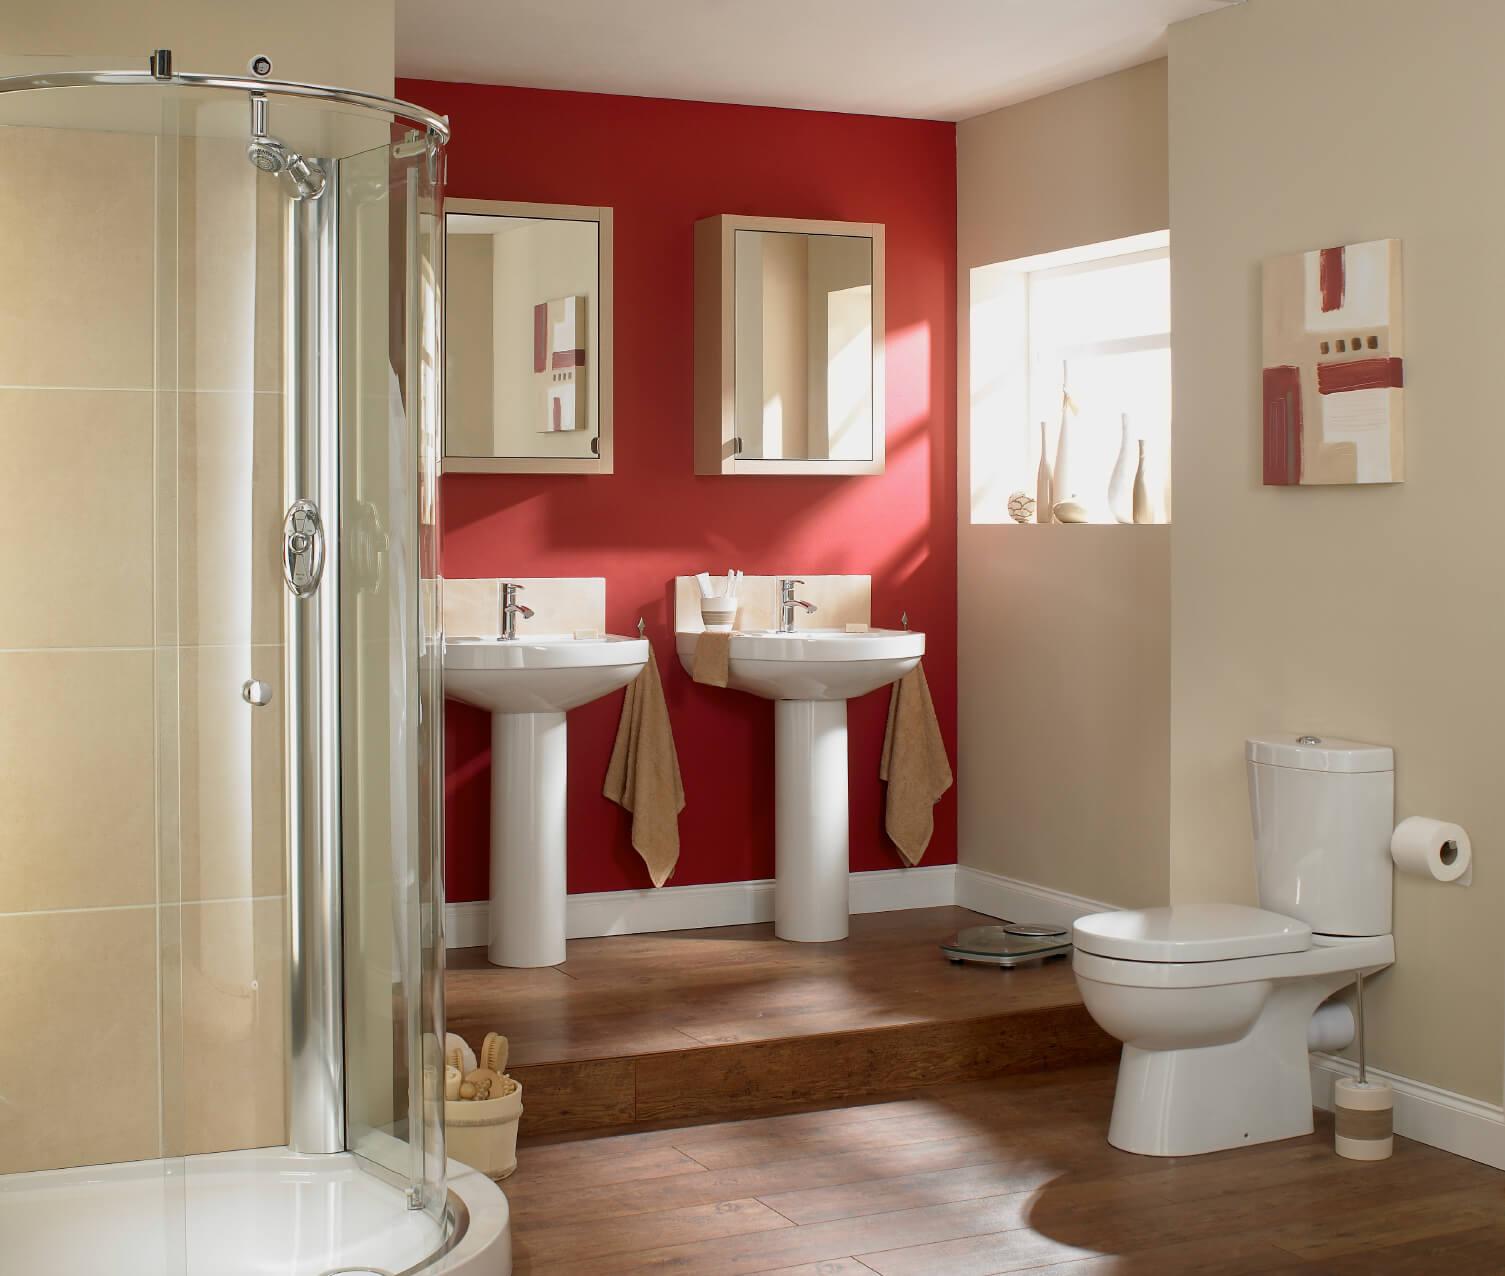 Salle de bain principale avec un mur rouge et un plancher de bois franc.  Il comprend également deux lavabos sur pied et une salle de douche ouverte.